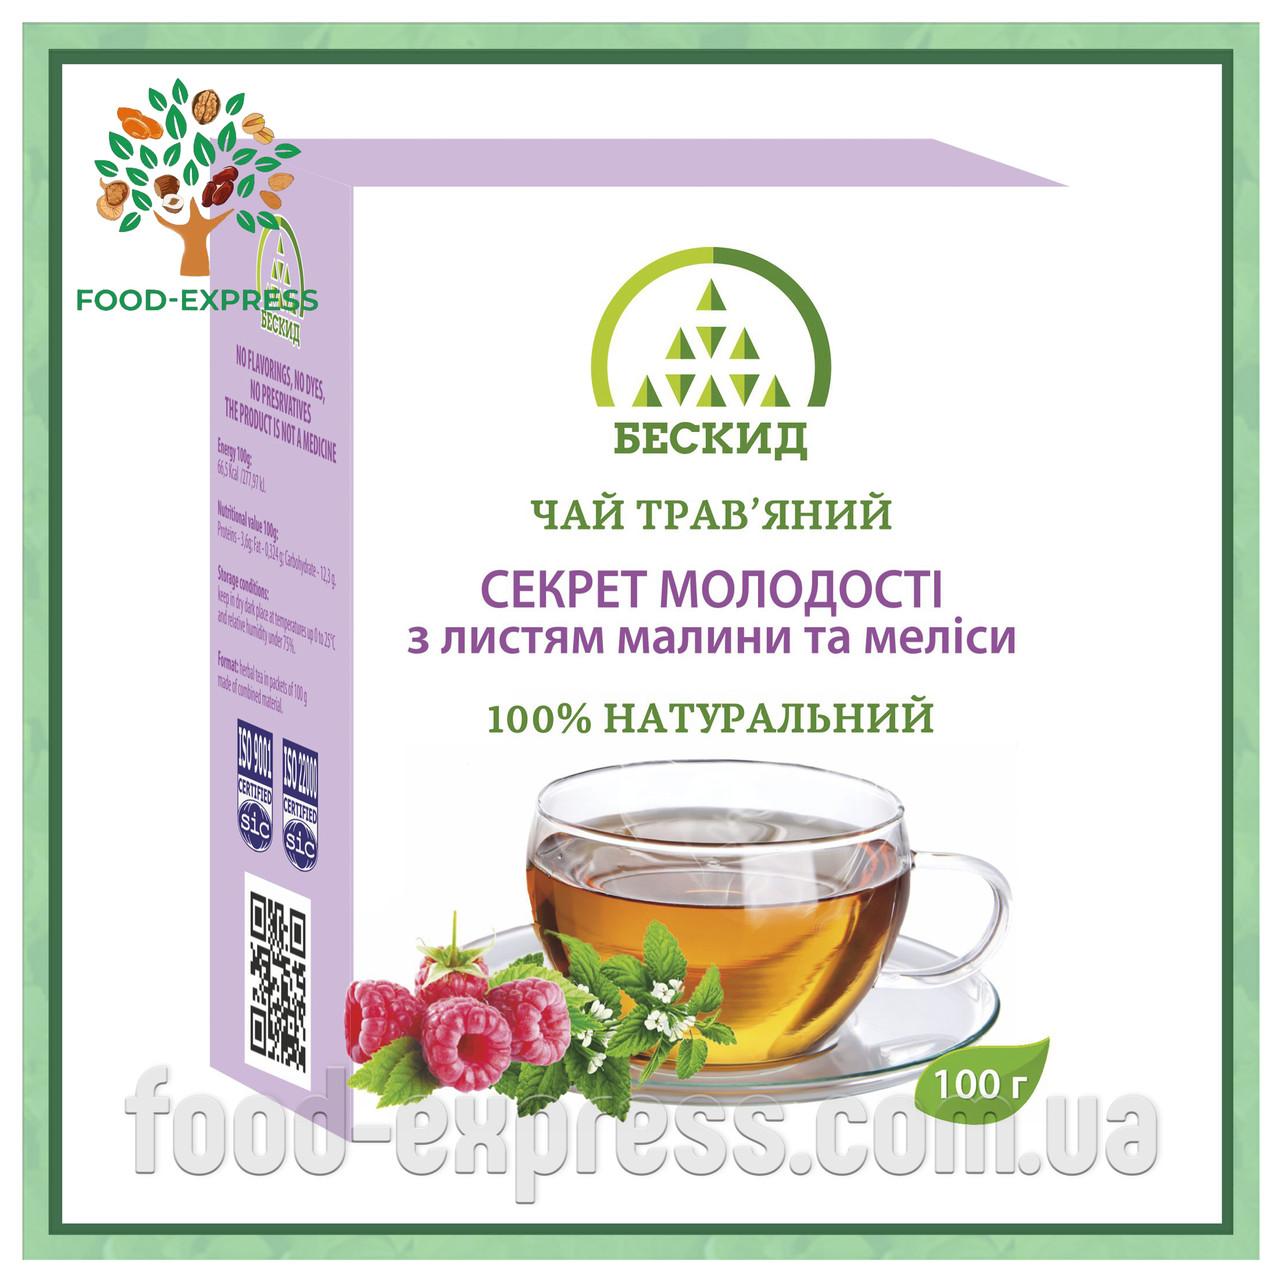 Чай трав'яний «Секрет молодості» з листям малини та меліси 100г